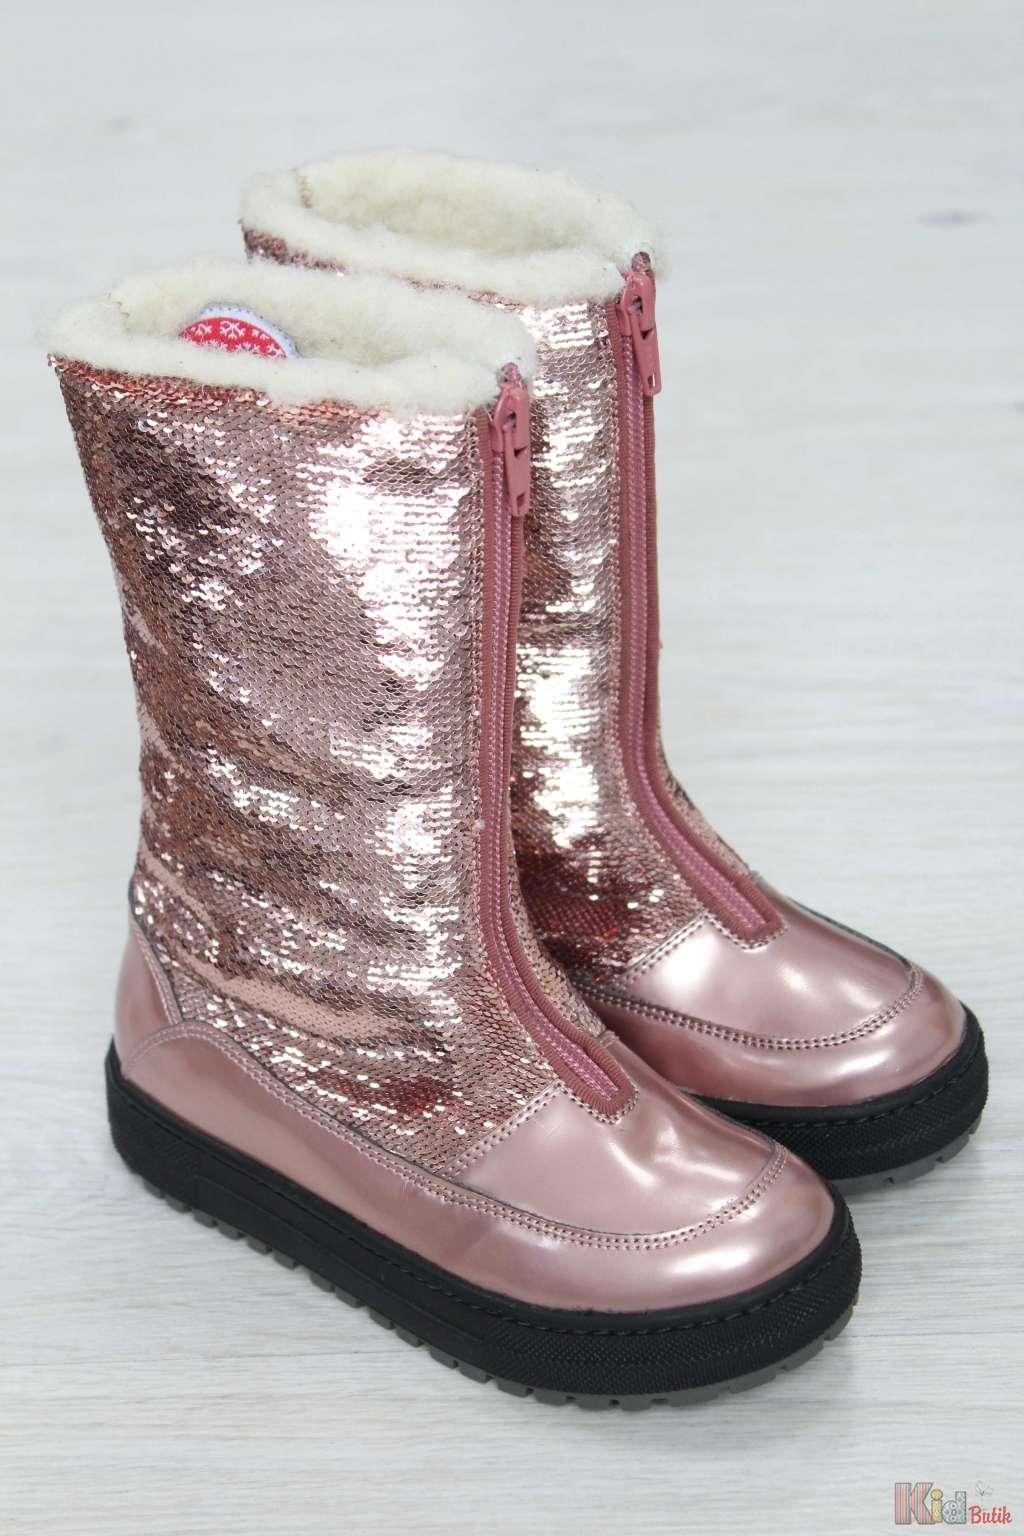 ᐈ Чоботи для дівчаток купити в інтернет магазині KidButik™ ➔ Вигідна ціна!  Чоботи для дівчаток з доставкою по Україні f41a27bd7f3bb